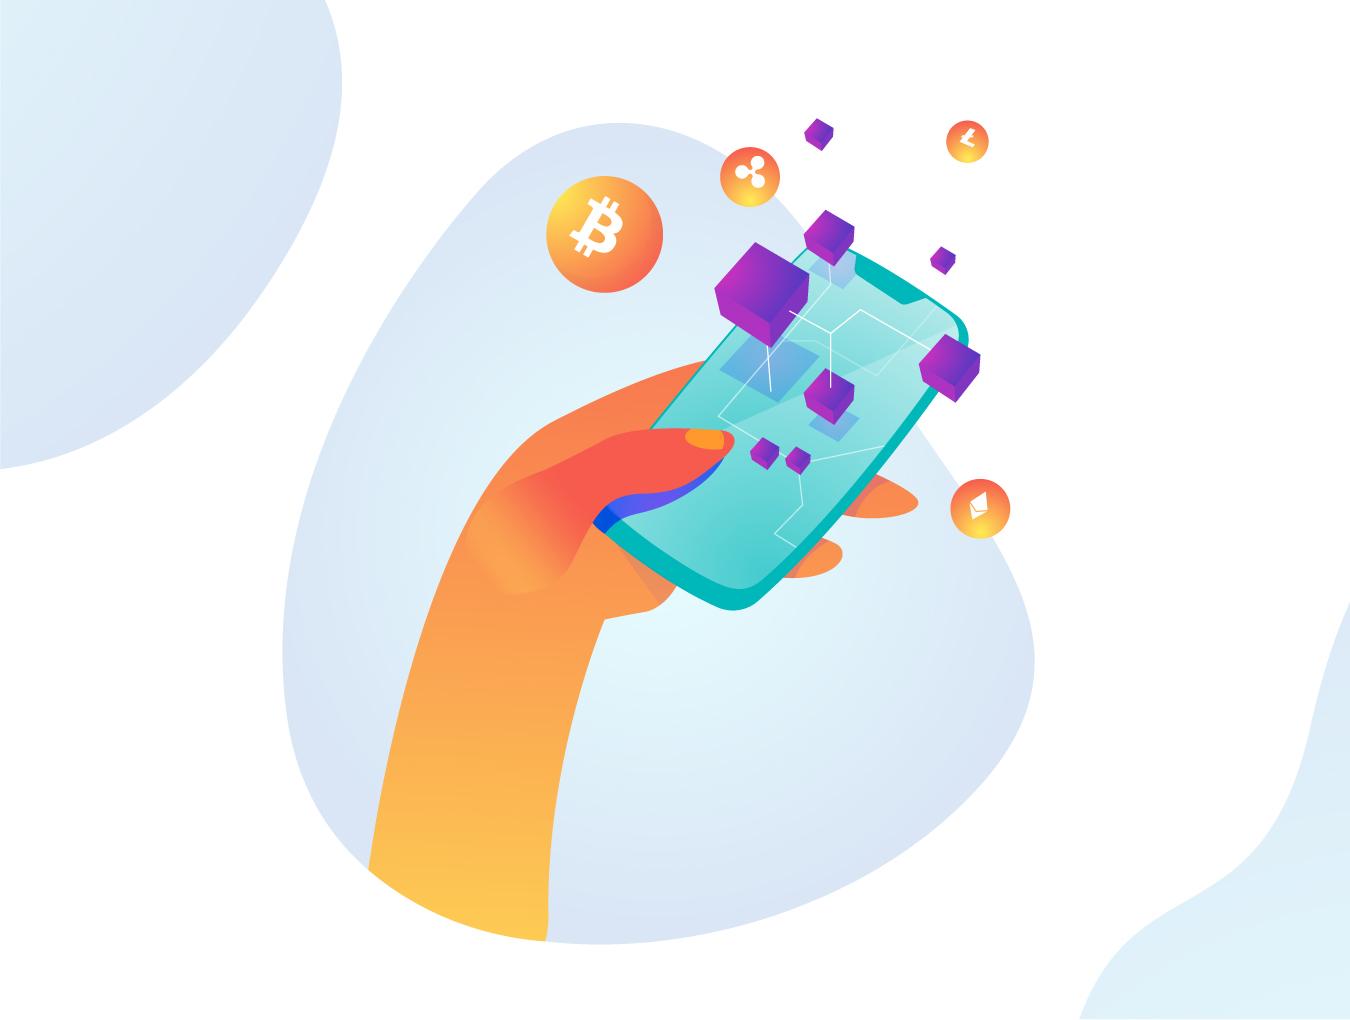 未来科技创意场景插画素材下载[Ai]设计素材模板